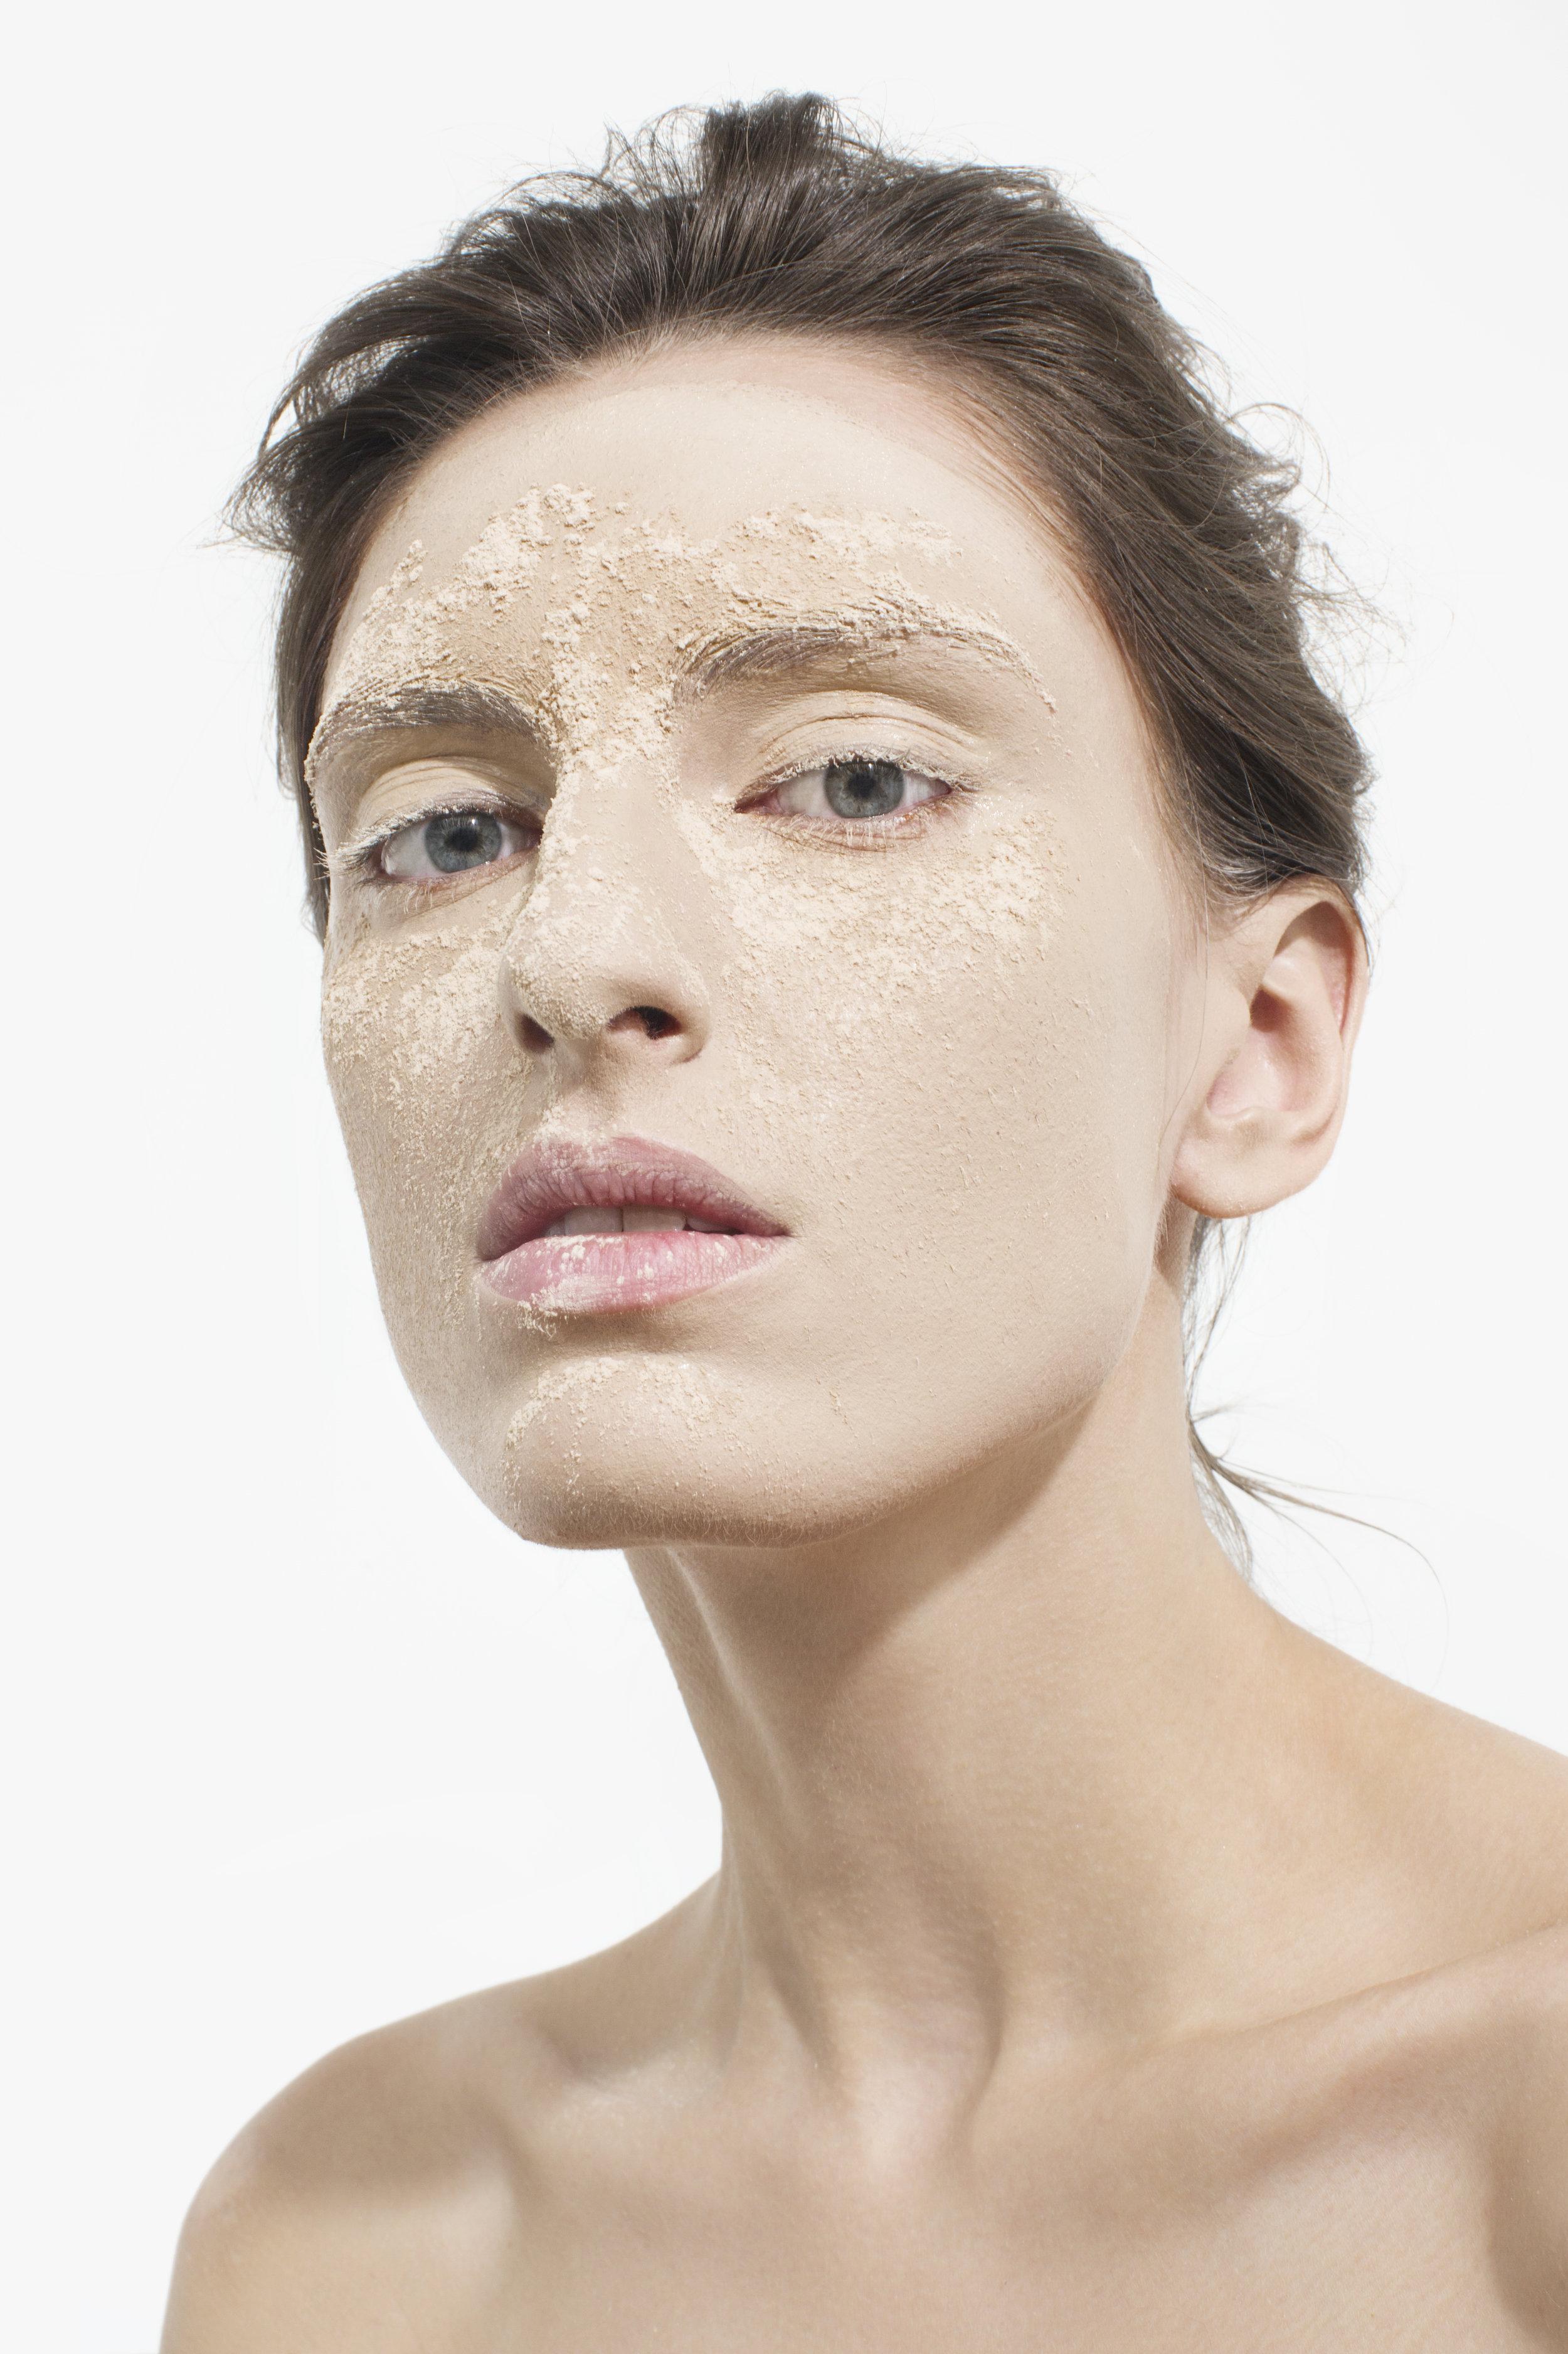 Beauty editorial for Wonderzine